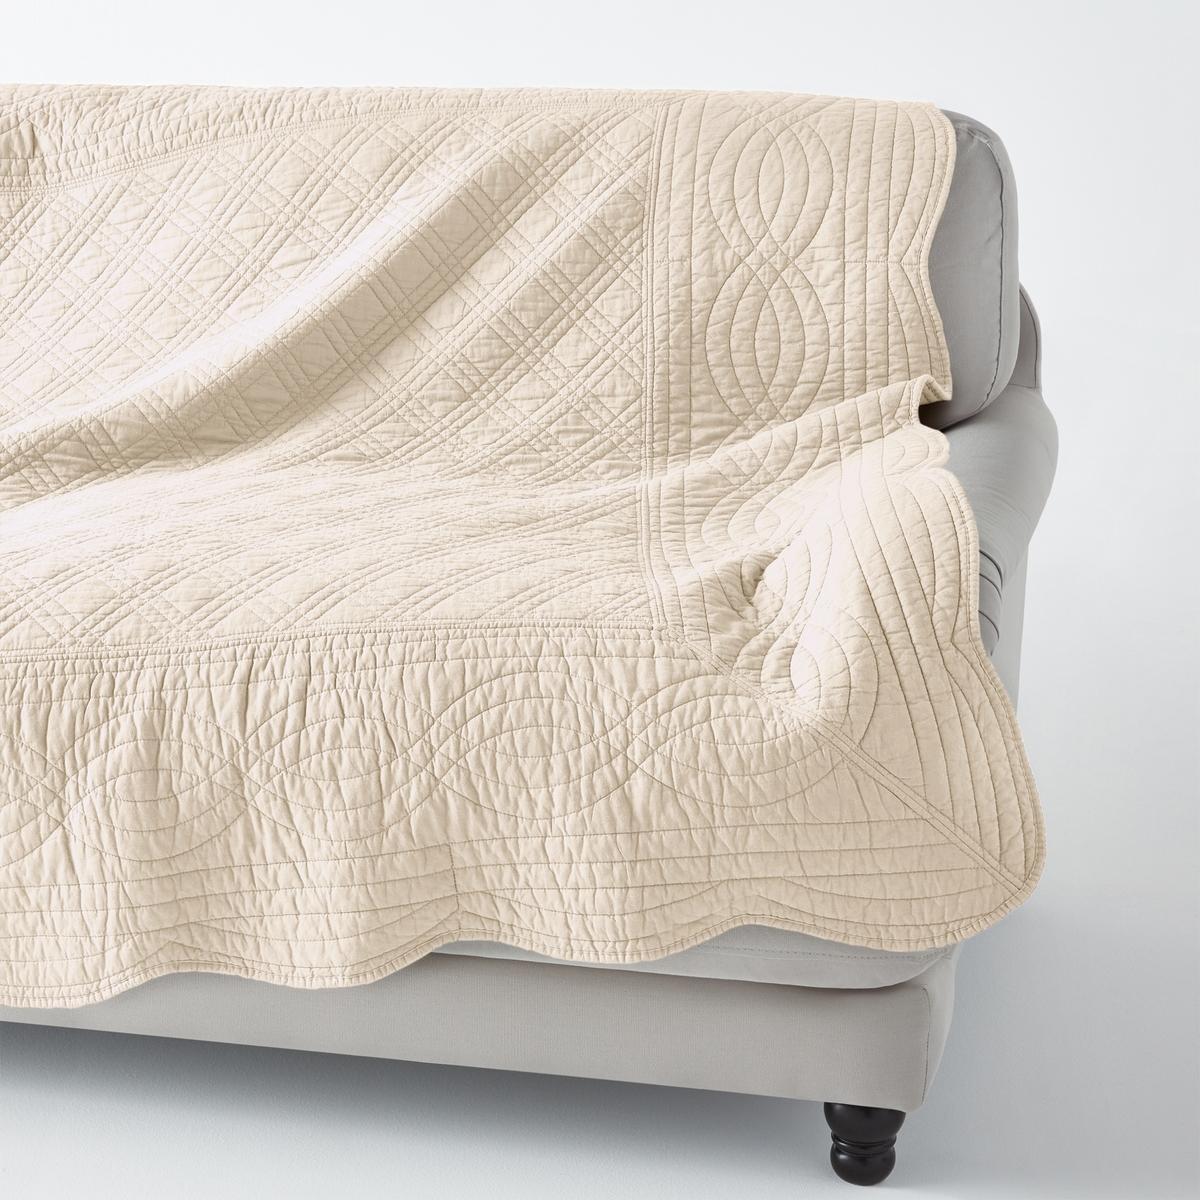 Покрывало стеганоеКачество VALEUR S?RE за качество материалов и тщательную отделку. 100% хлопка. Ручная работа, рельефная стежка, современная цветовая гамма. Наполнитель из 100% хлопка (250 г/м?). Волнистые края. Украсит кровать, кресло, диван… Стирка при 40°. Превосходная<br><br>Цвет: Cиний,антрацит,белый,розовое дерево,светло-коричневый,Серо-синий,серый жемчужный,экрю,ярко-фиолетовый<br>Размер: 140 x 200  см.230 x 250  см.180 x 250  см